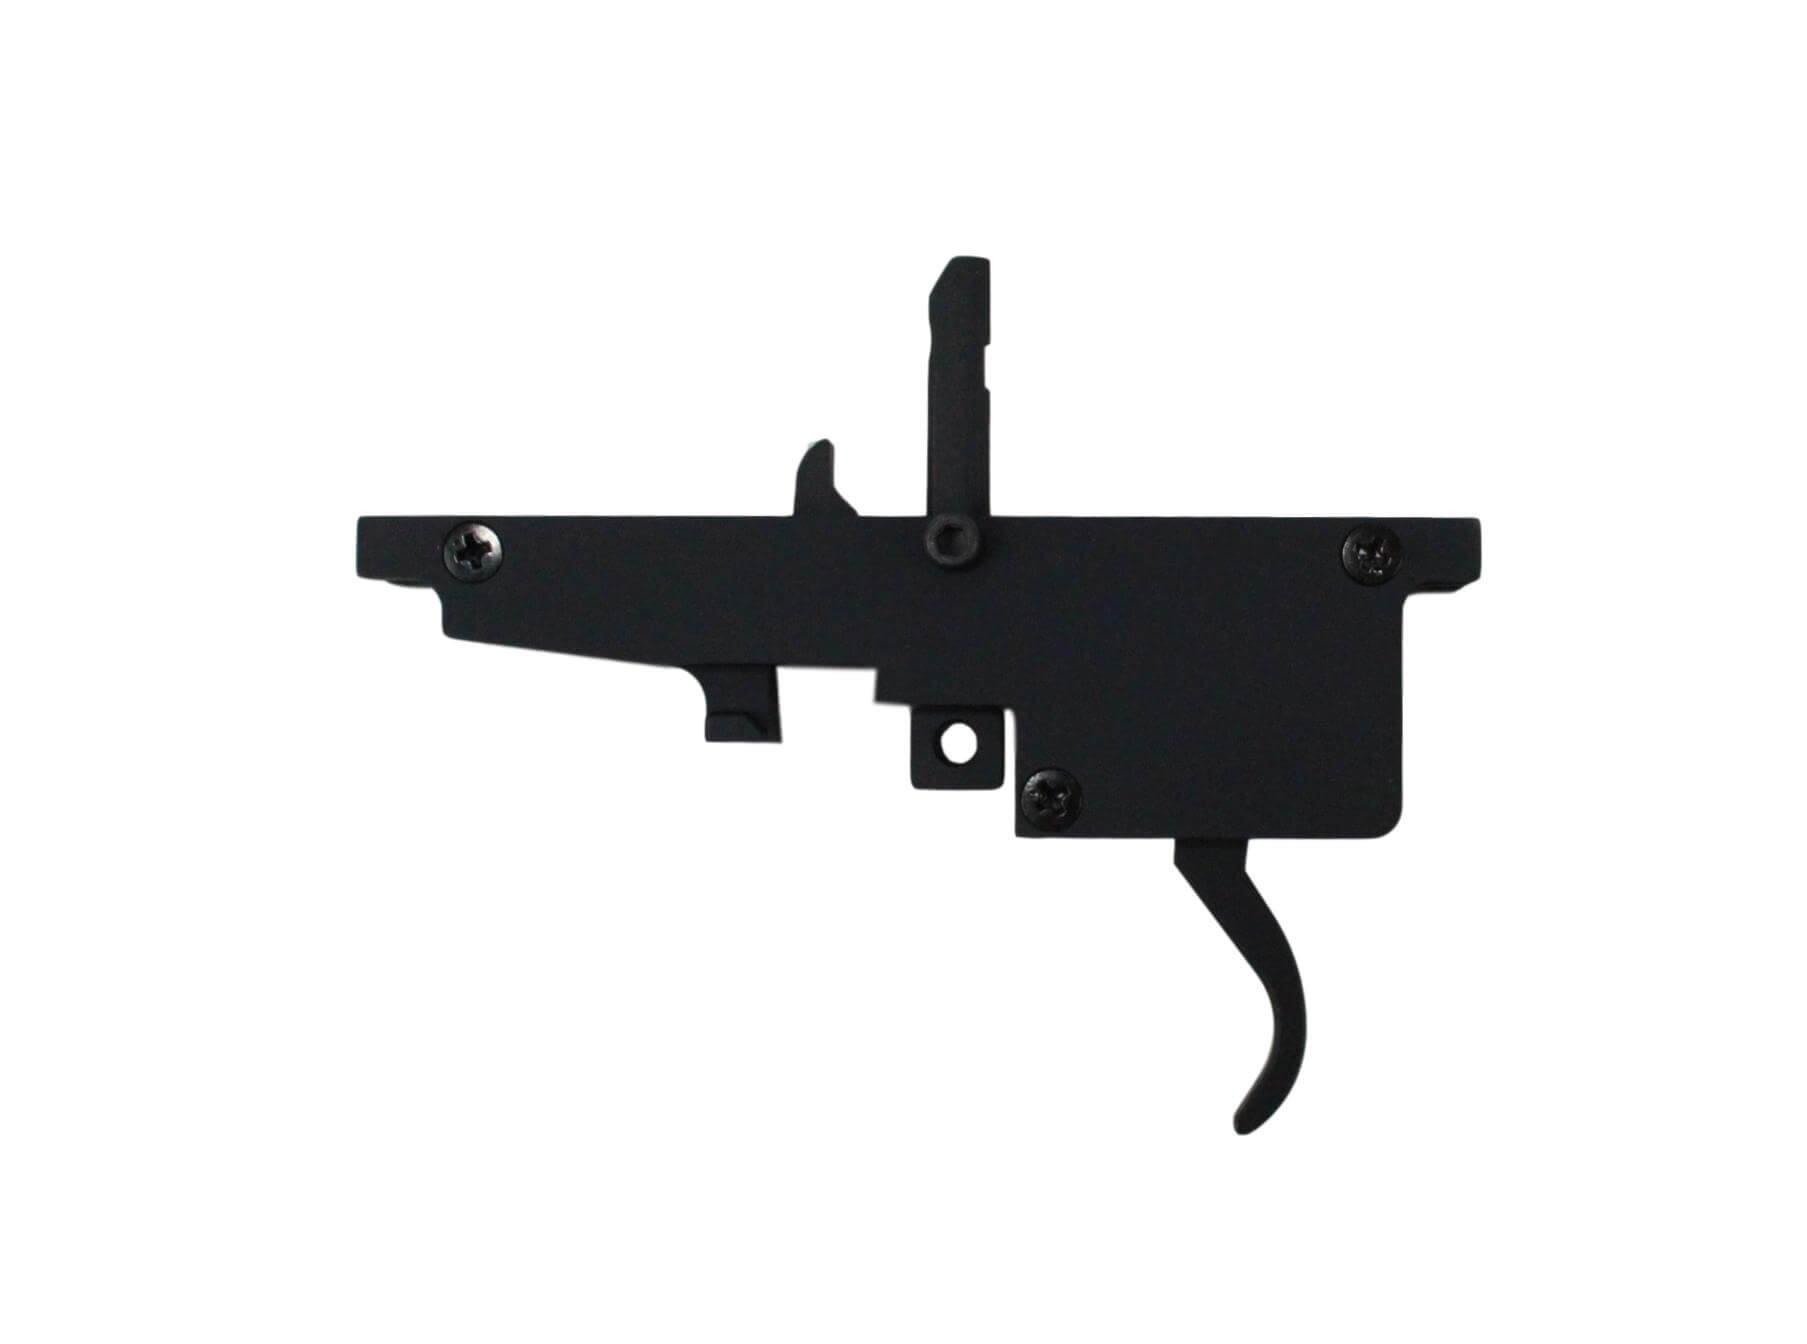 B Trigger version 2 med stempel ende til VSR-10